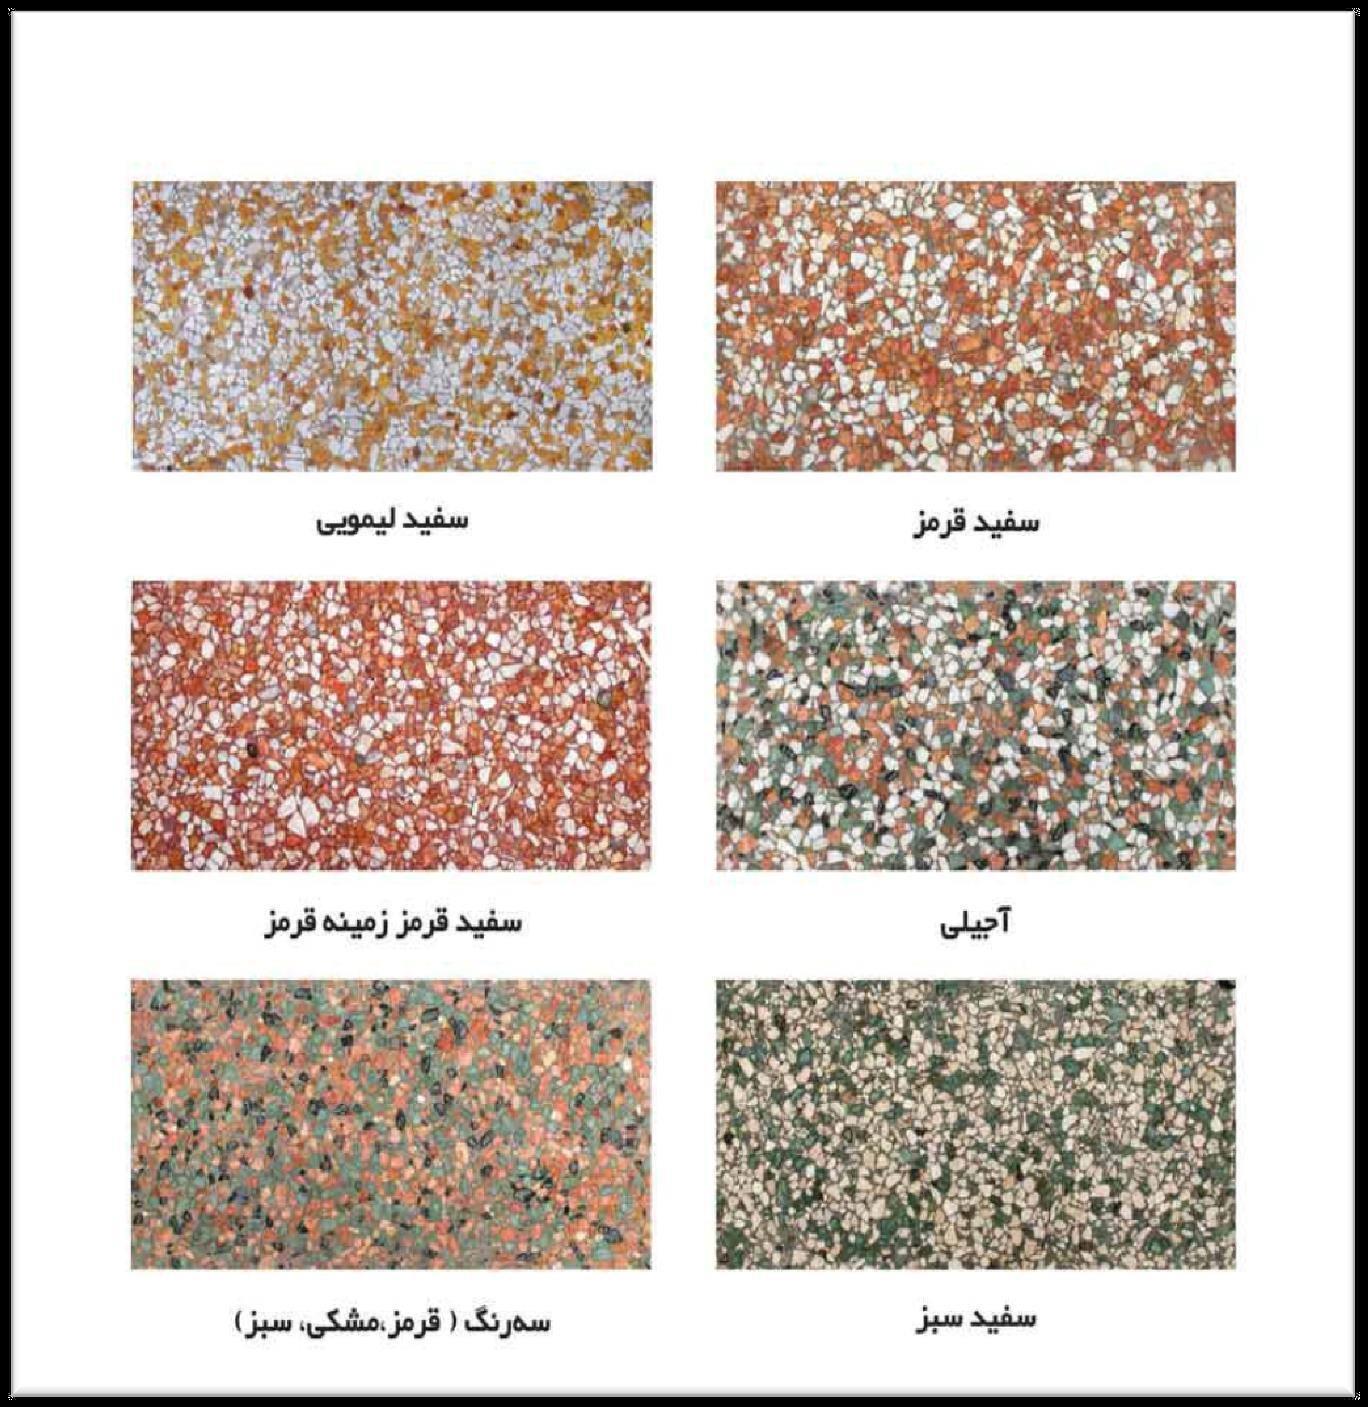 تنوع در رنگ